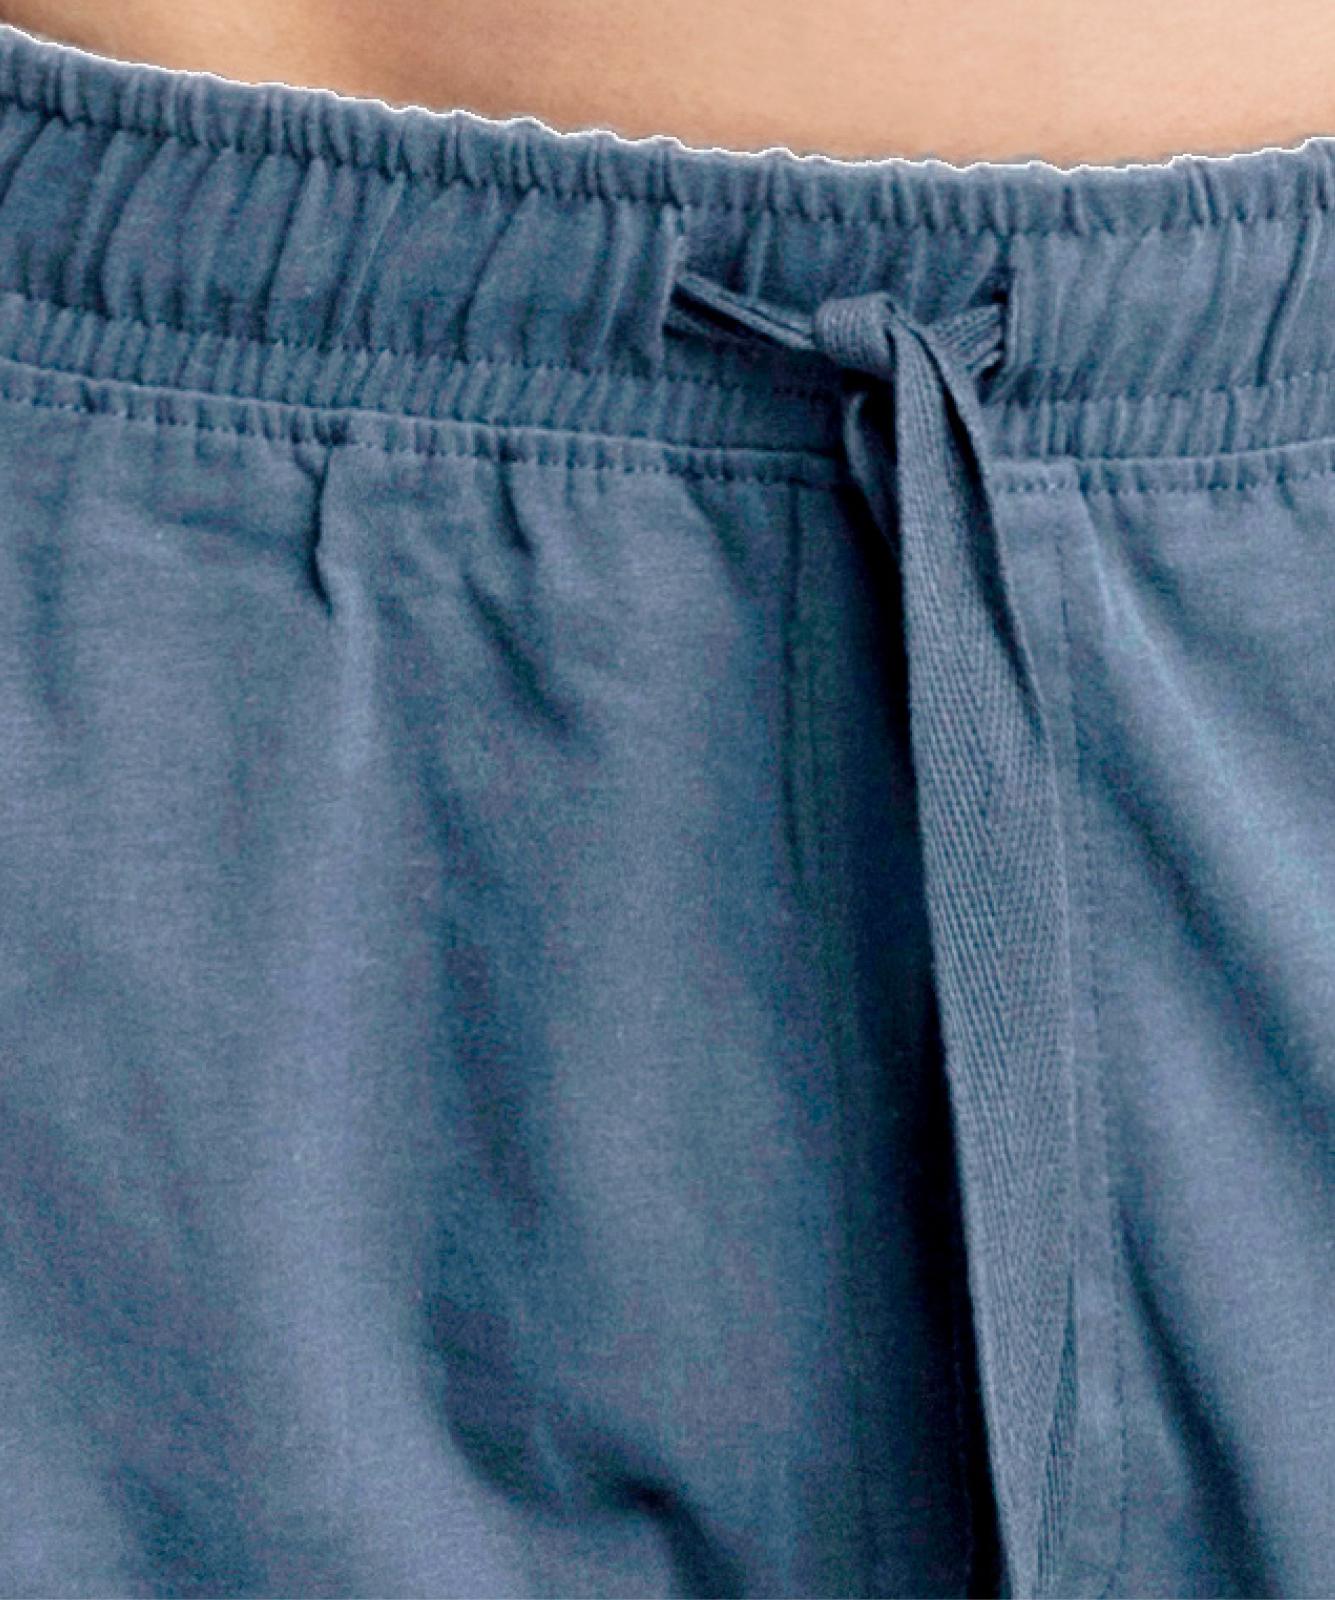 Мужские шорты пижамные Atlantic, 1 шт. в уп., хлопок, деним, NMB-039